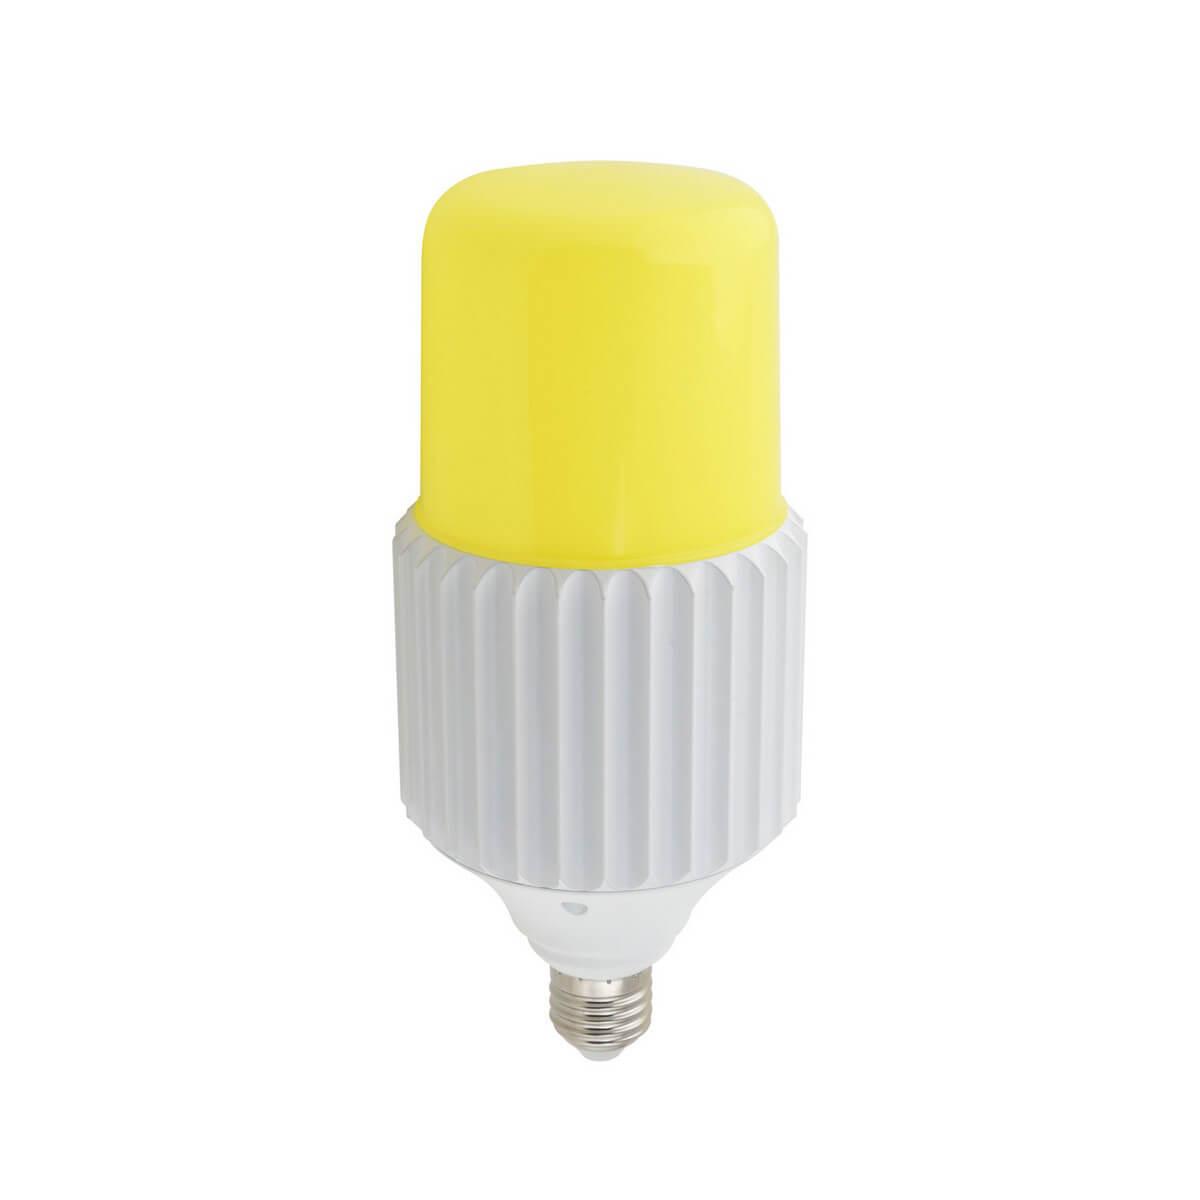 все цены на Лампа светодиодная сверхмощная (UL-00004063) Uniel E27 50W 6000K желтая LED-MP200-50W/6000K/E27/PH ALP06WH онлайн